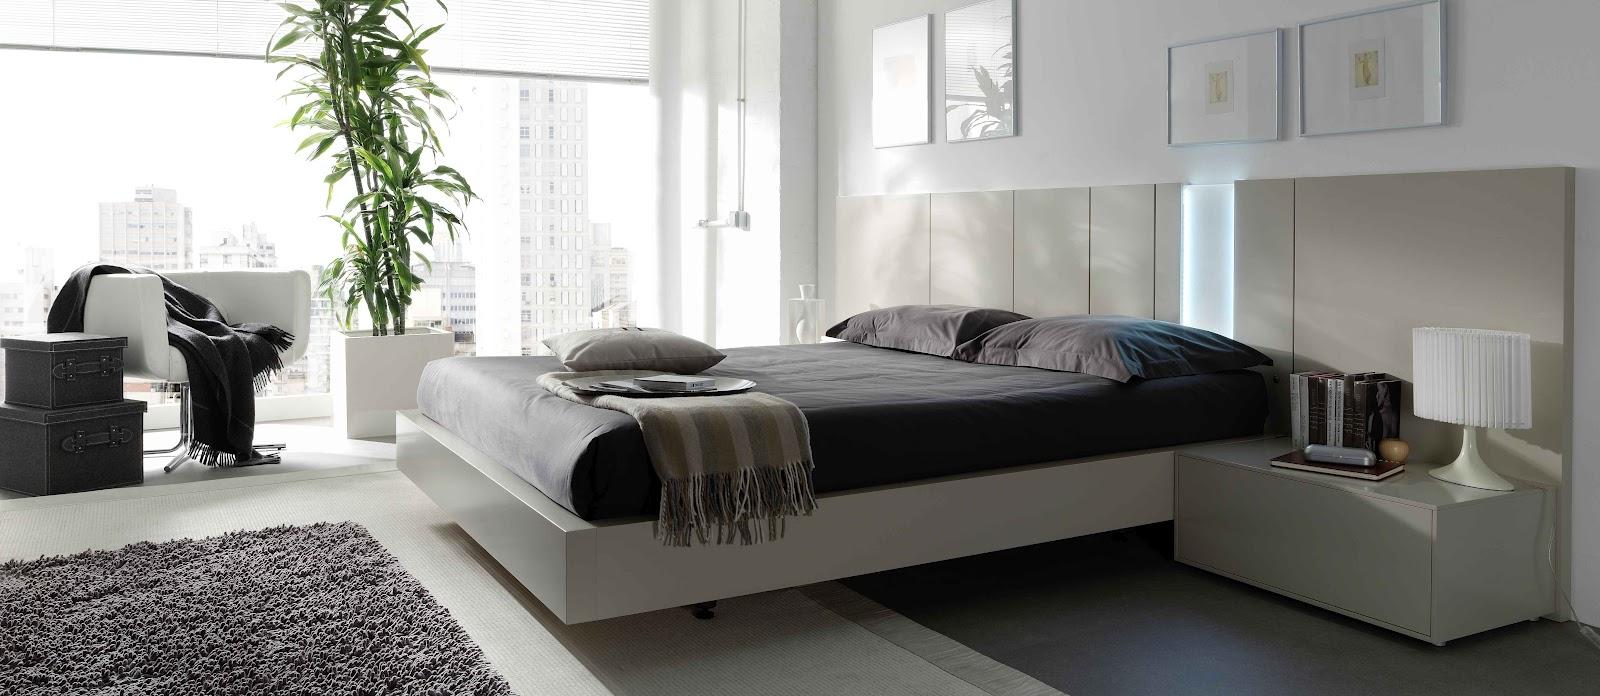 Muebles arranz dormitorios mobenia for Mesillas de habitacion